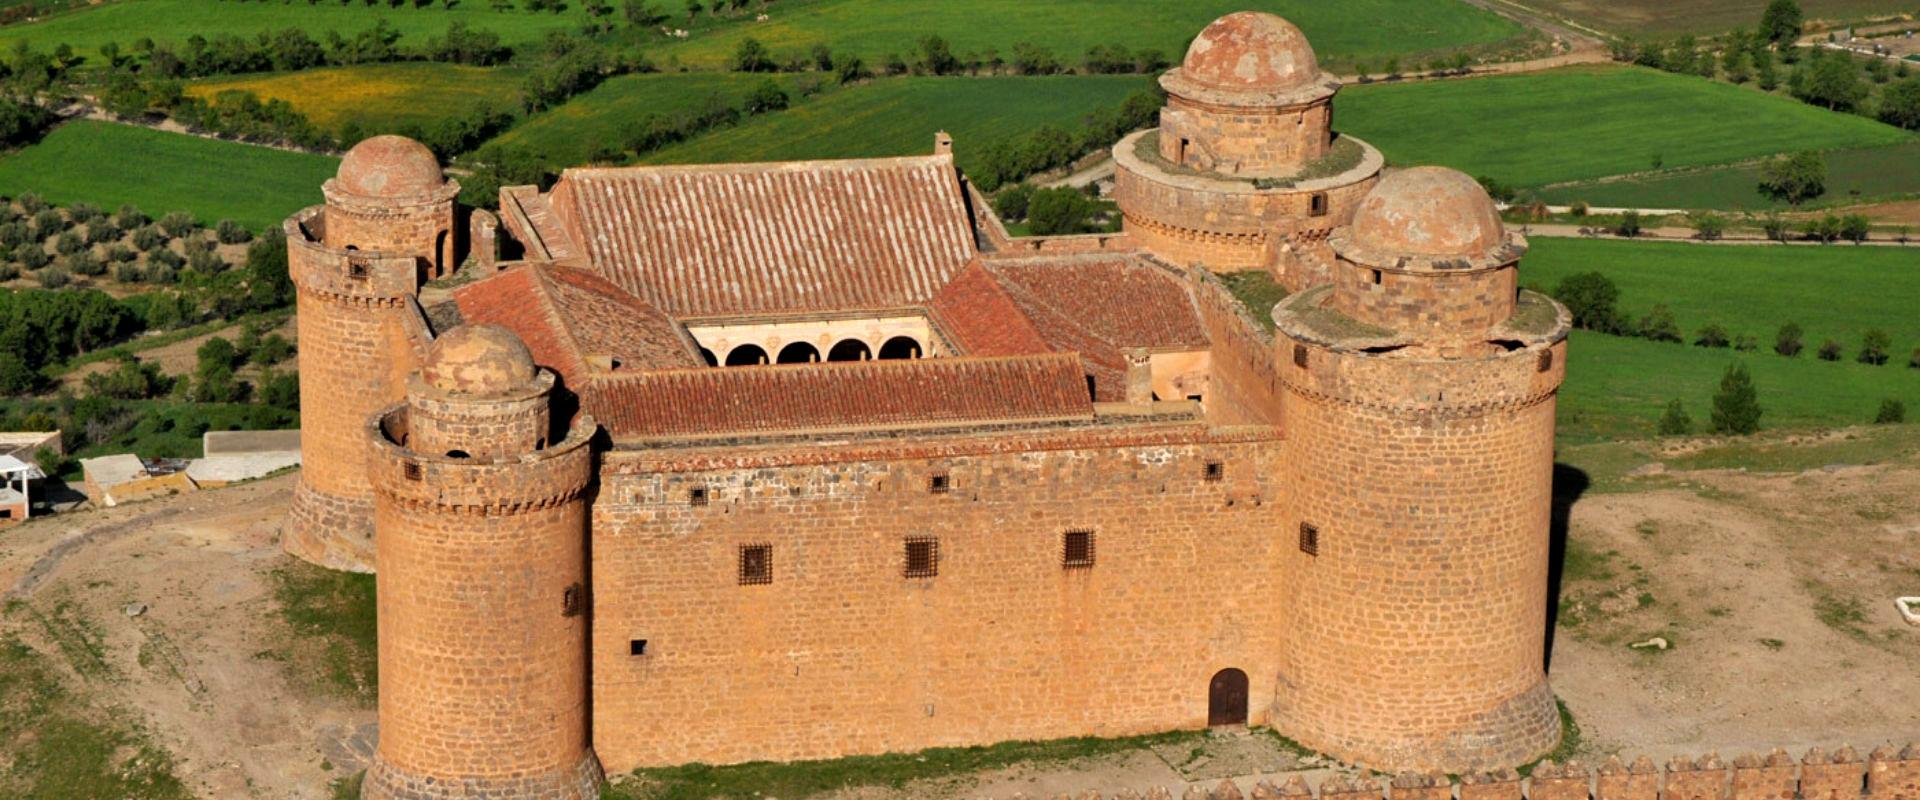 foto aerea del Castillo d ela Calahorra